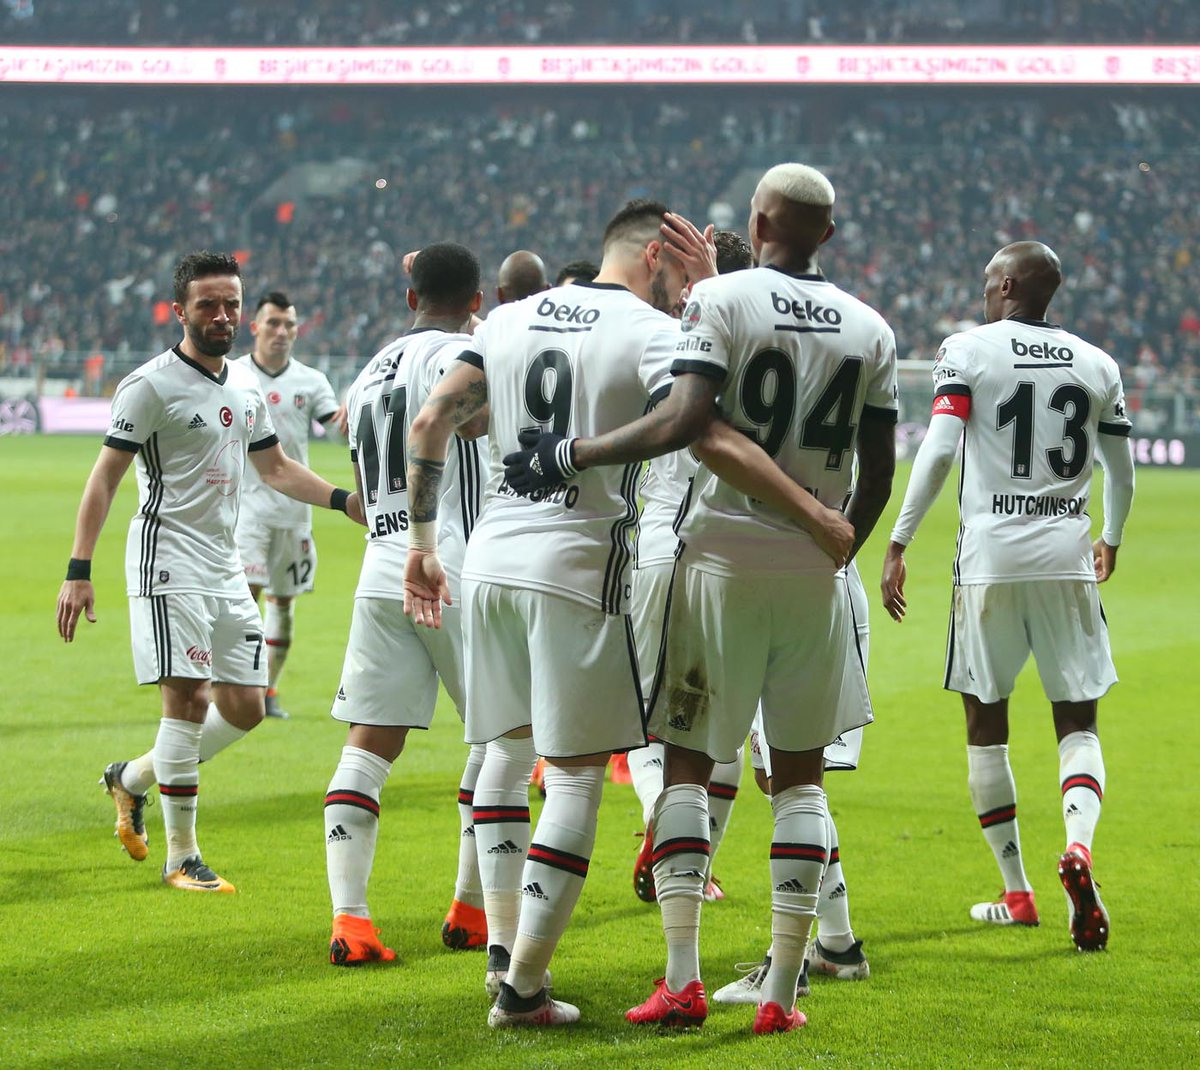 Beşiktaş'ın konuğu Evkur Yeni Malatyaspor